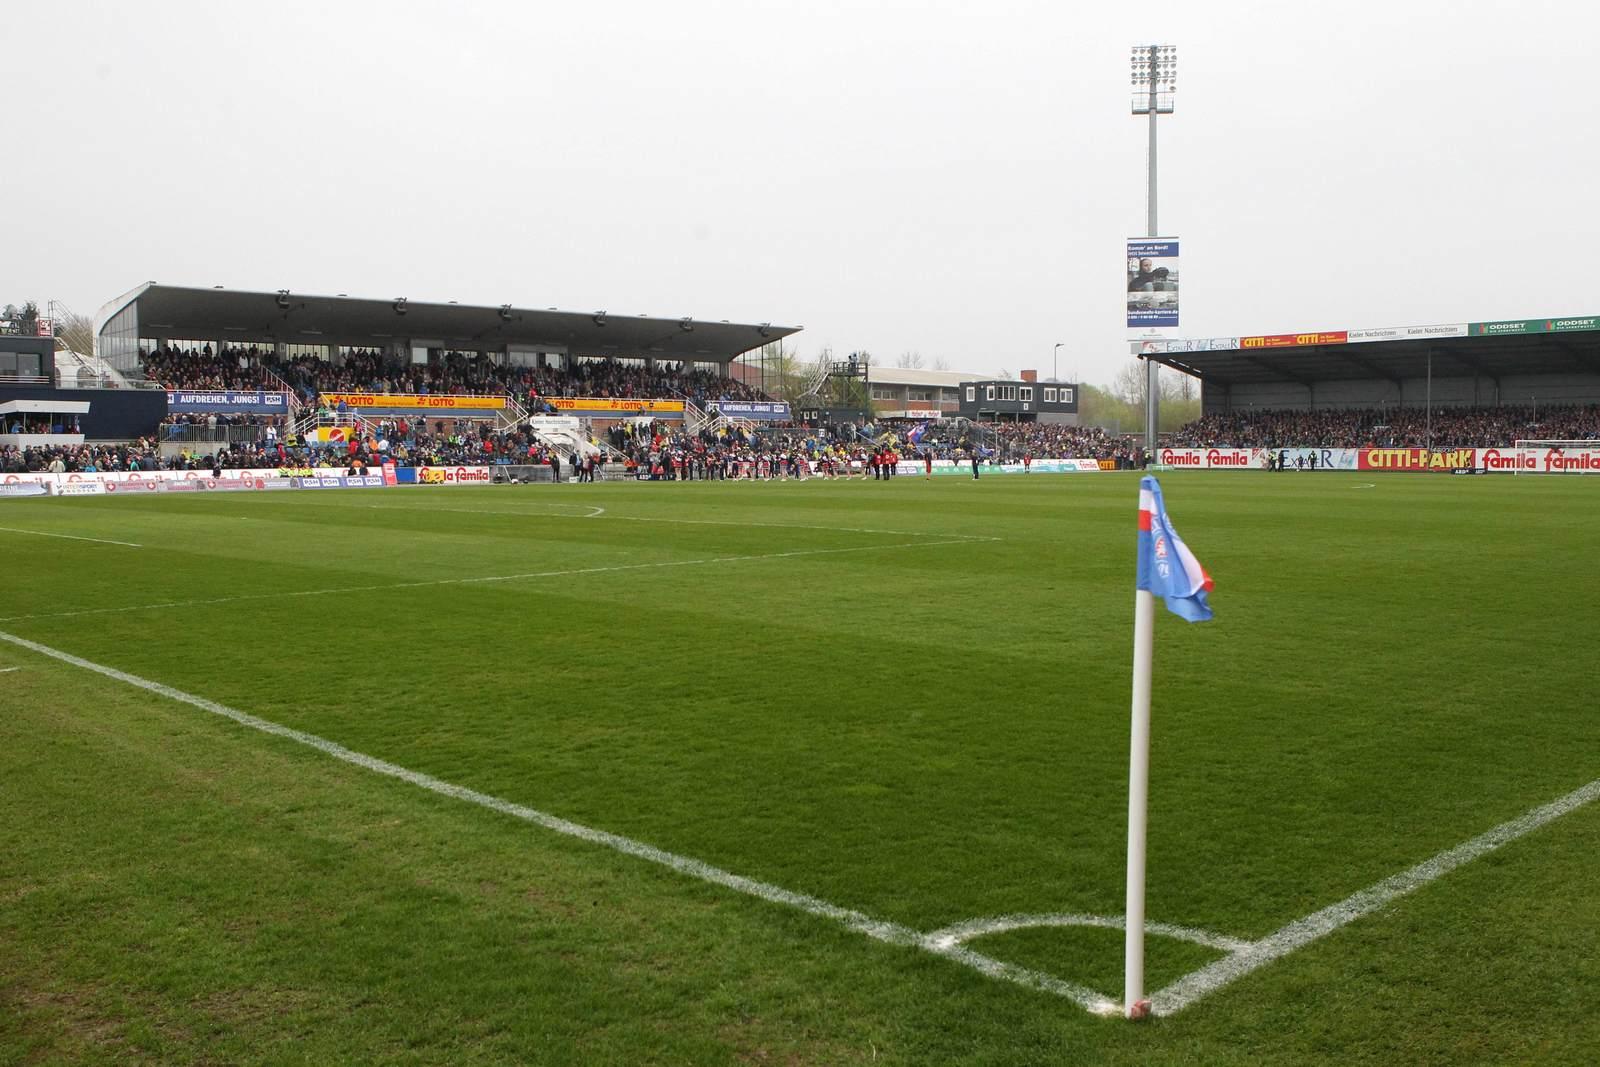 Das Holstein-Stadion, Heimspielstätte von Holstein Kiel